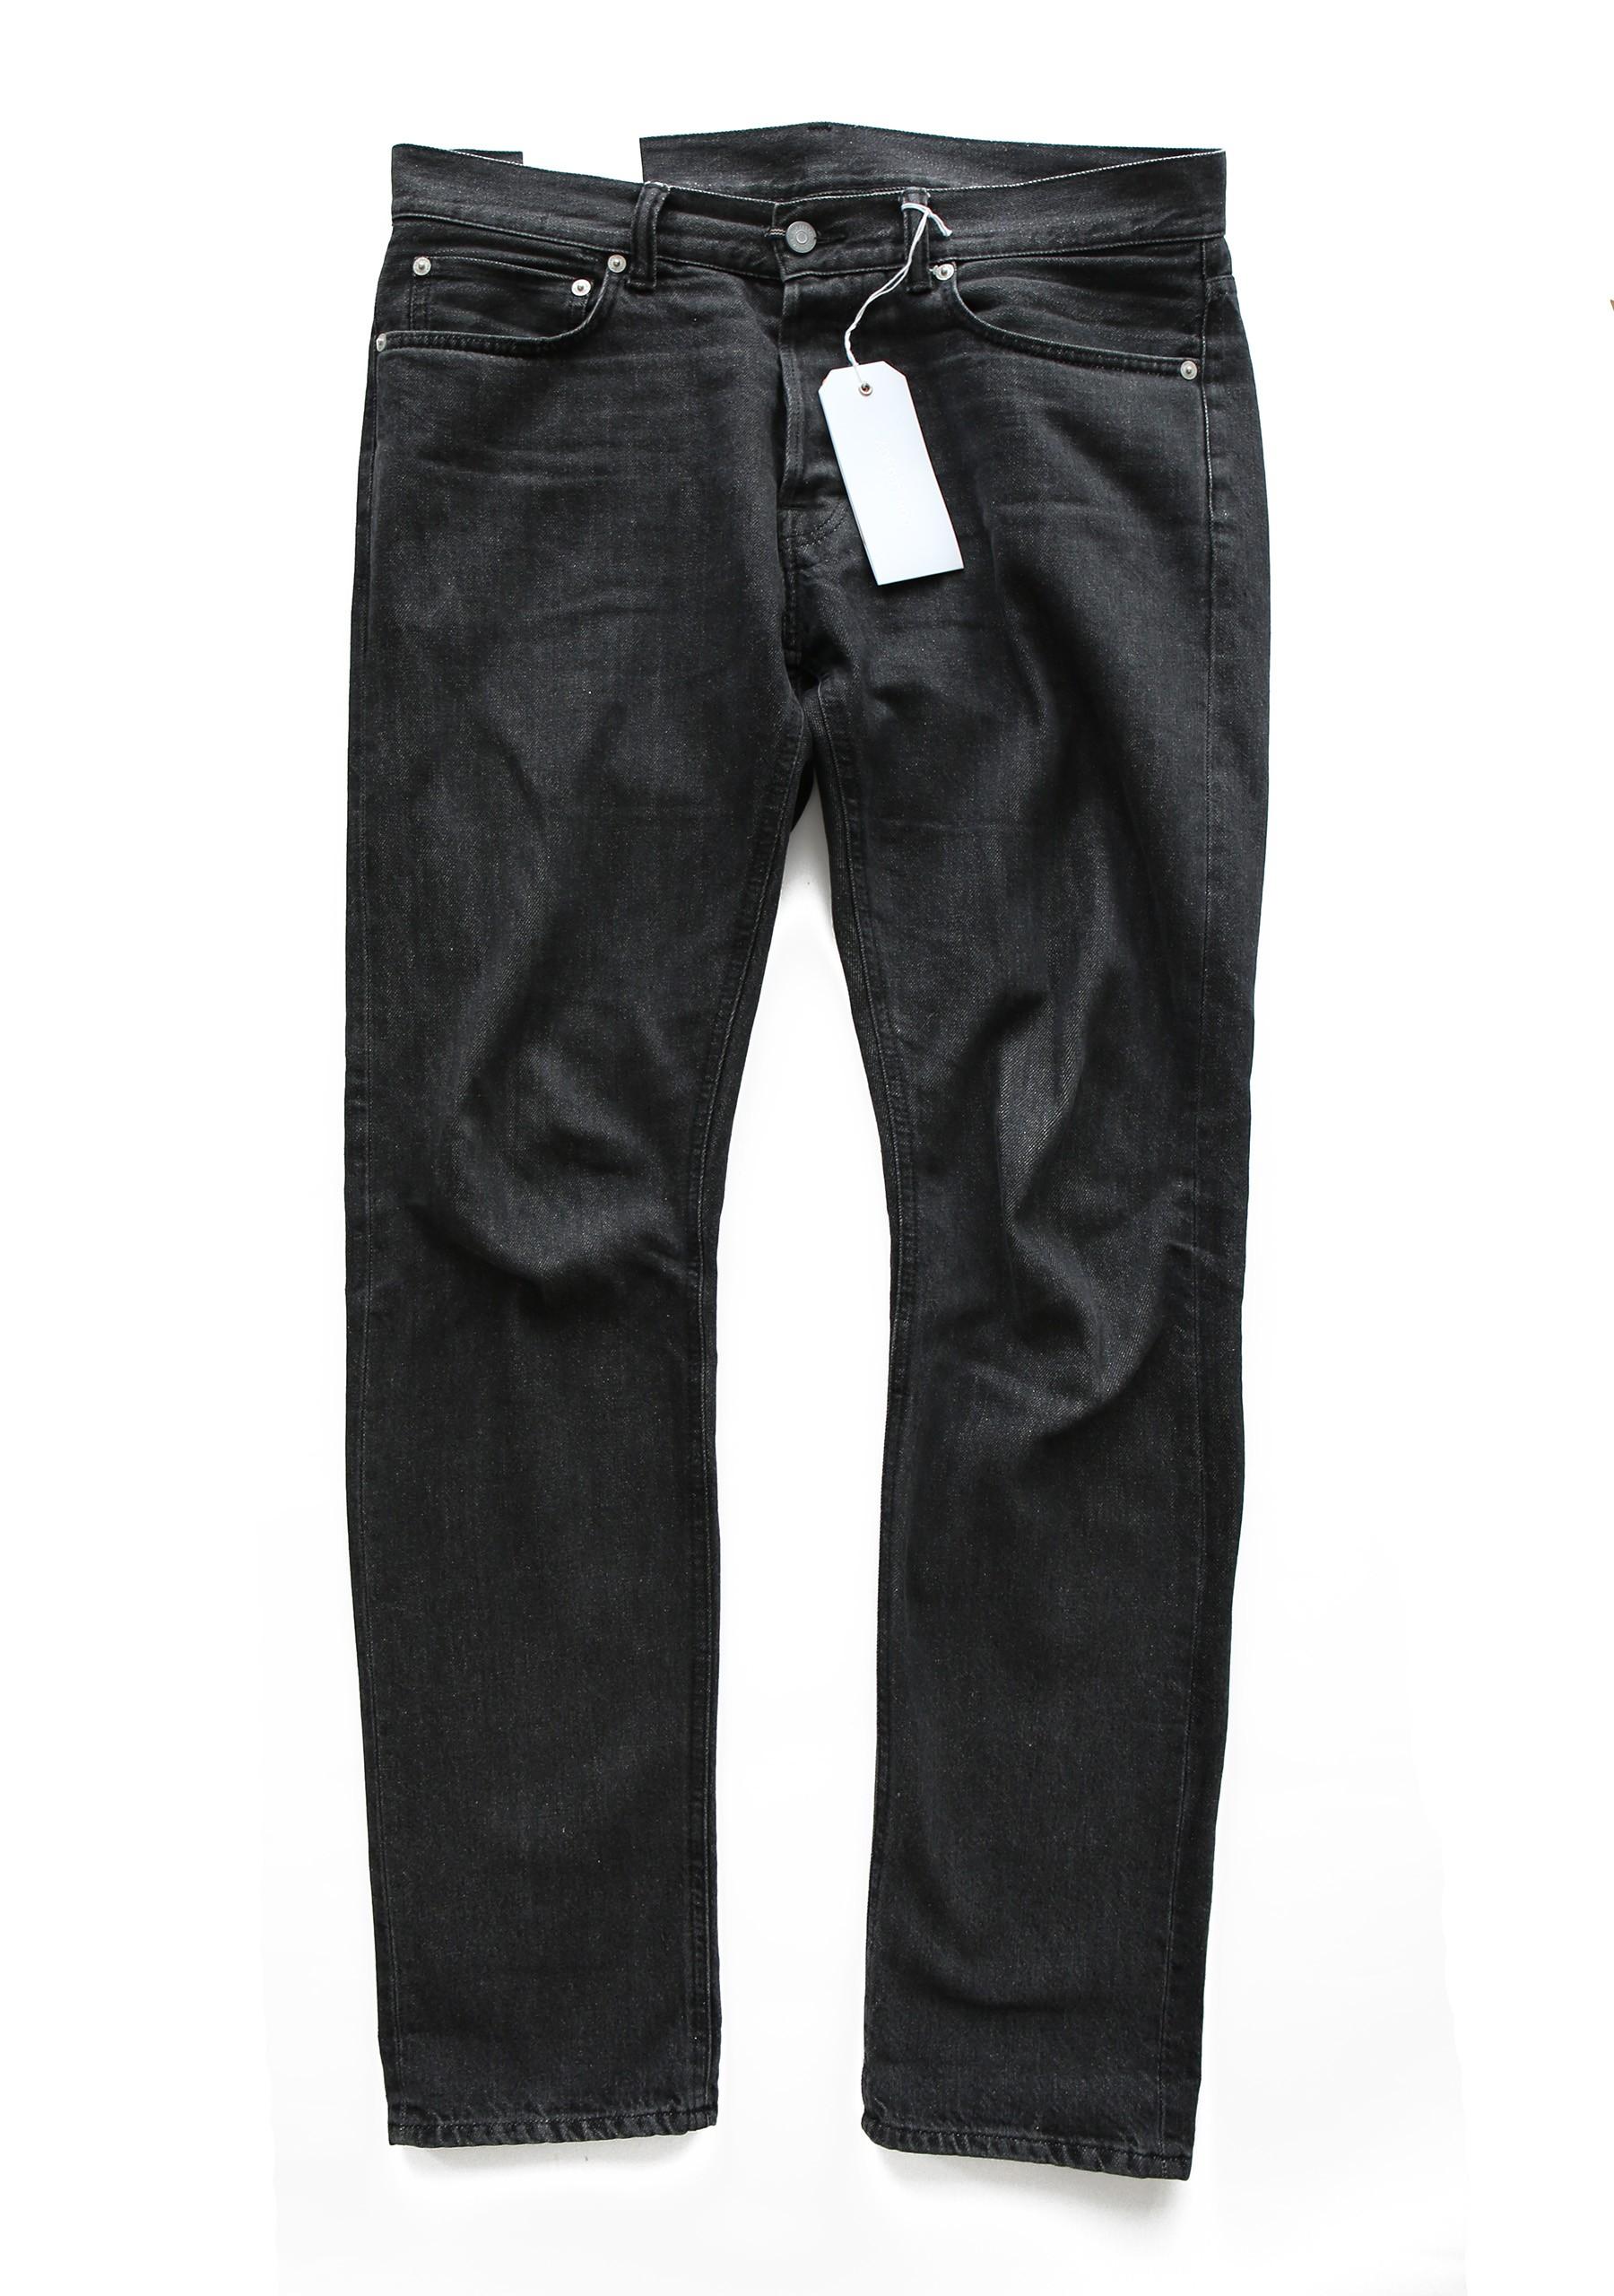 Jeans On Sale, Denim Blue, Cotton, 2017, 32 33 Our Legacy